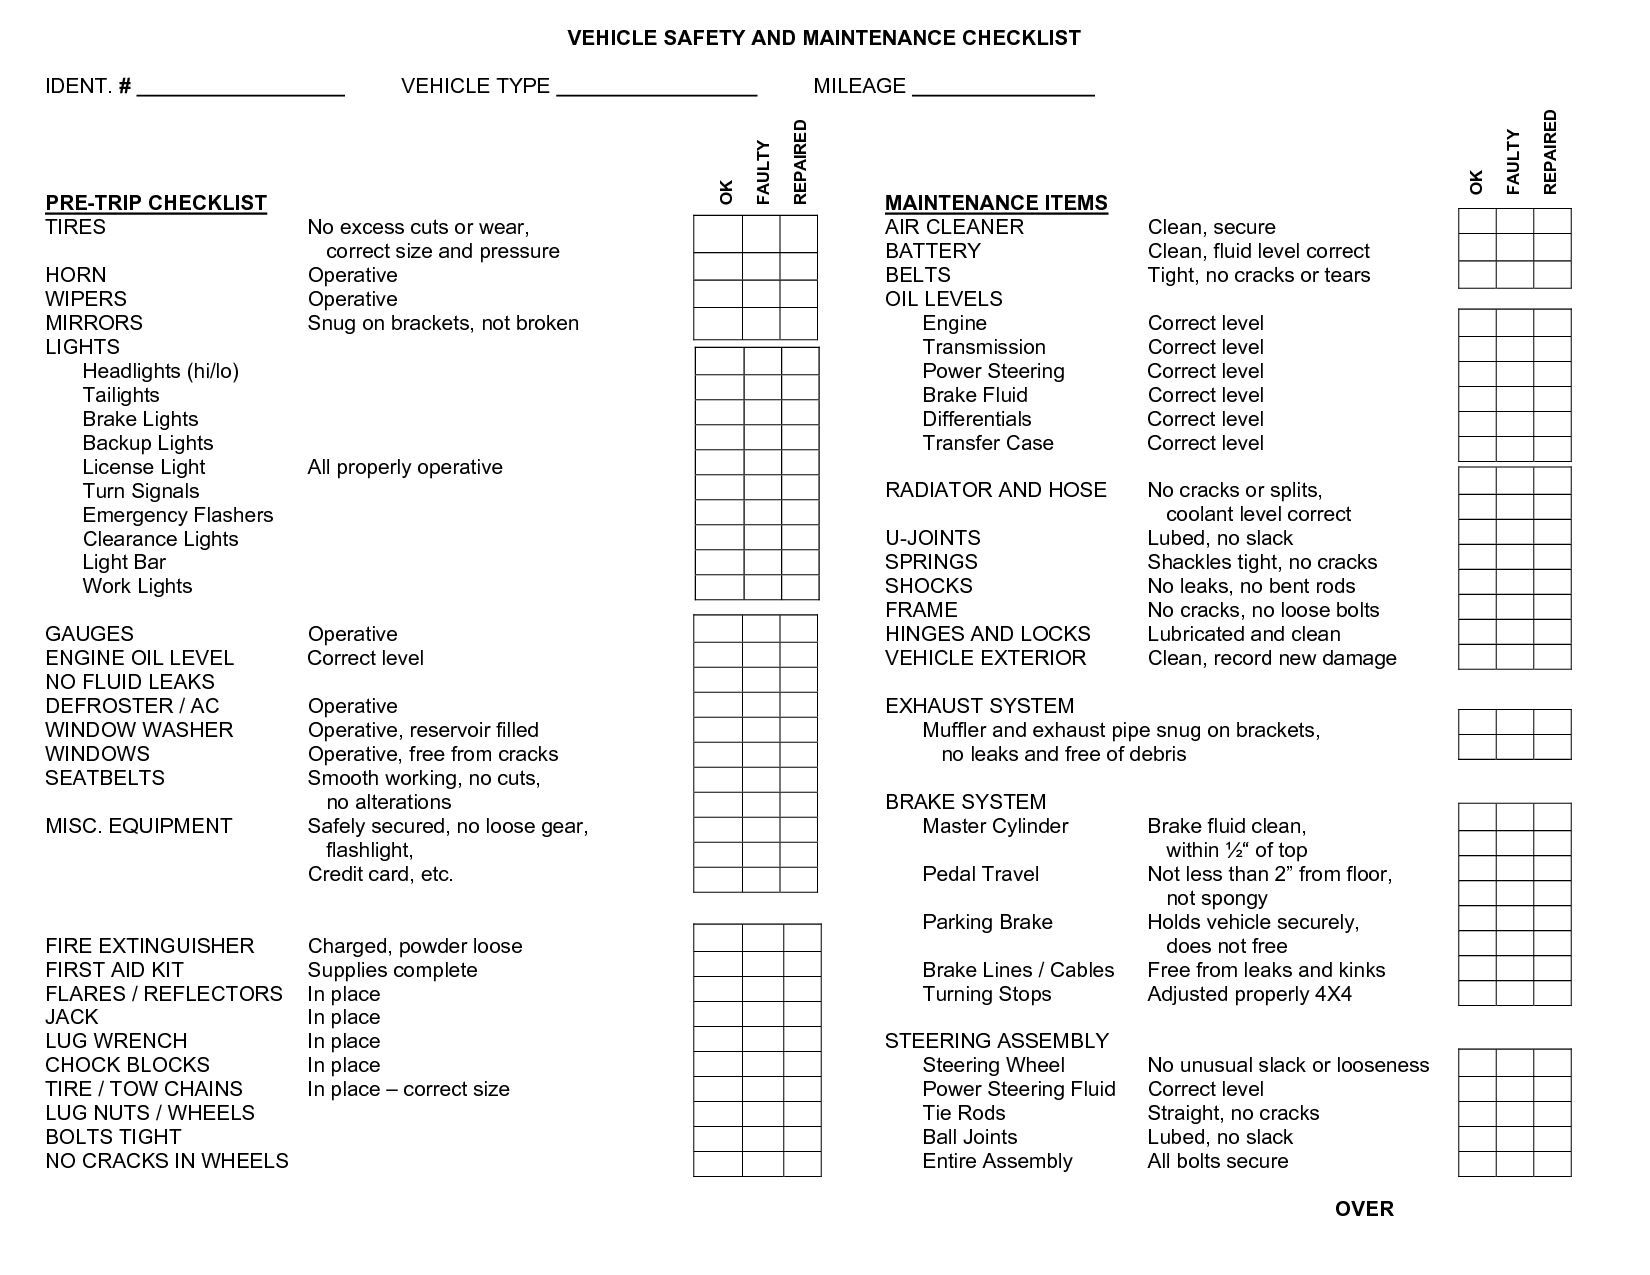 Vehicle Safety Checklist Template HttpWwwLonewolfSoftwareCom